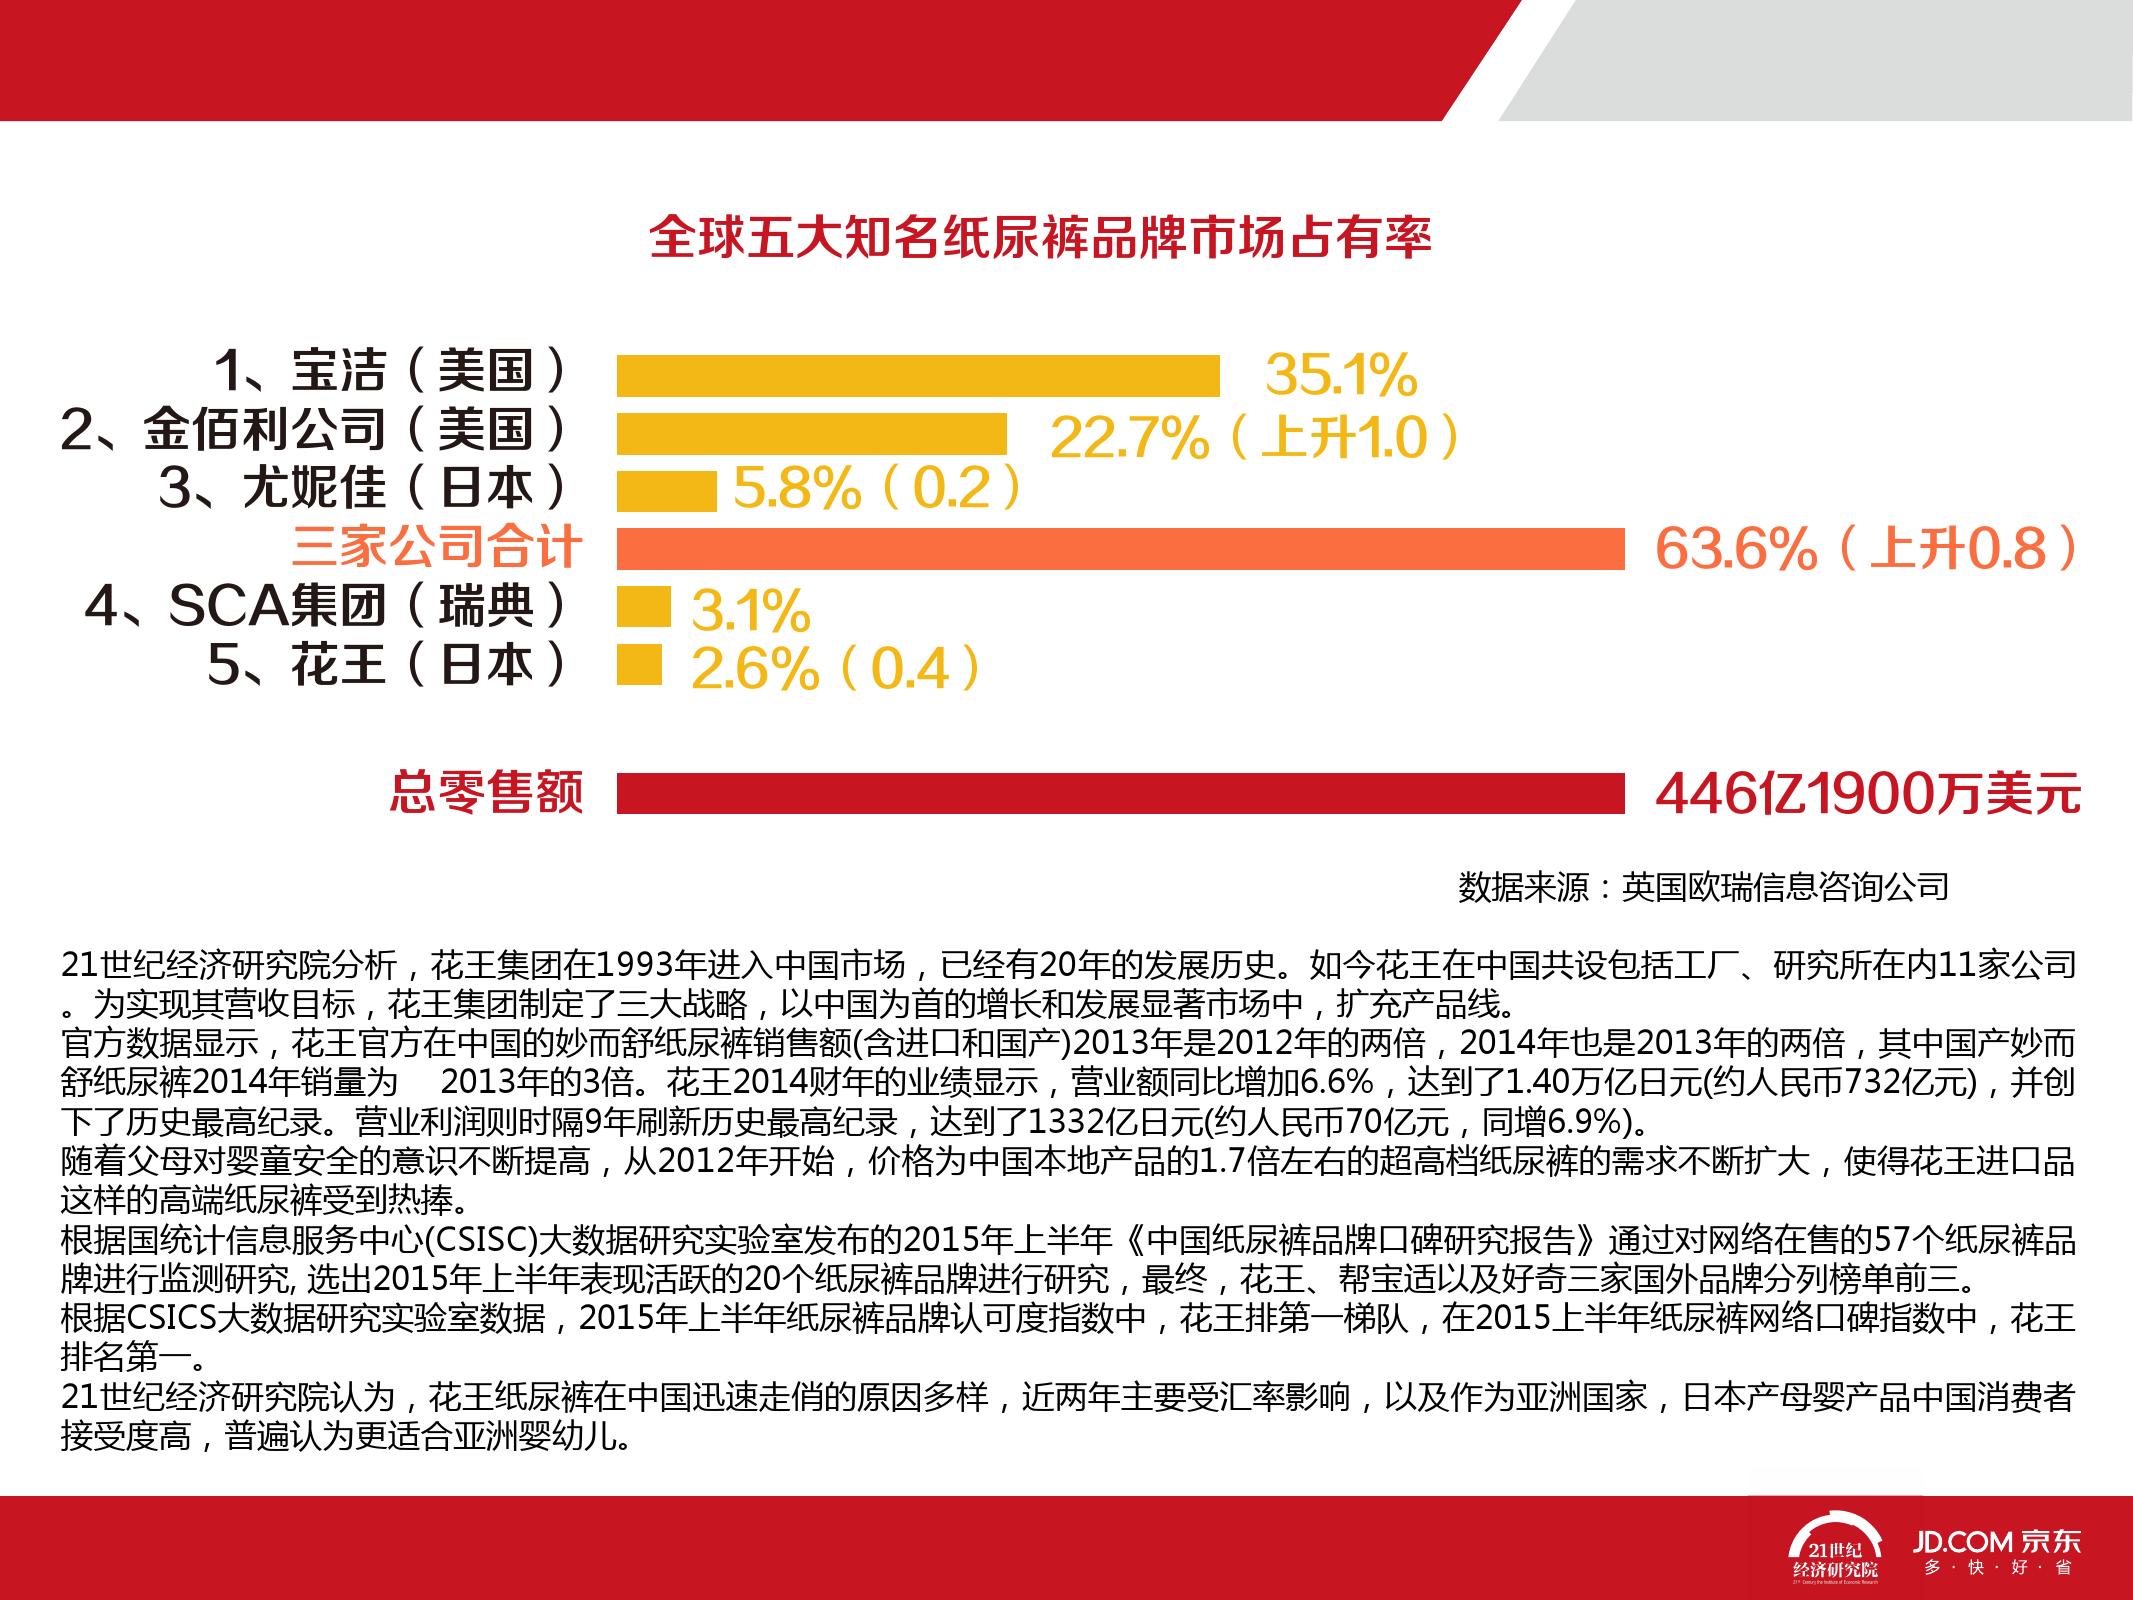 2016中国母婴产品消费趋势报告_000072